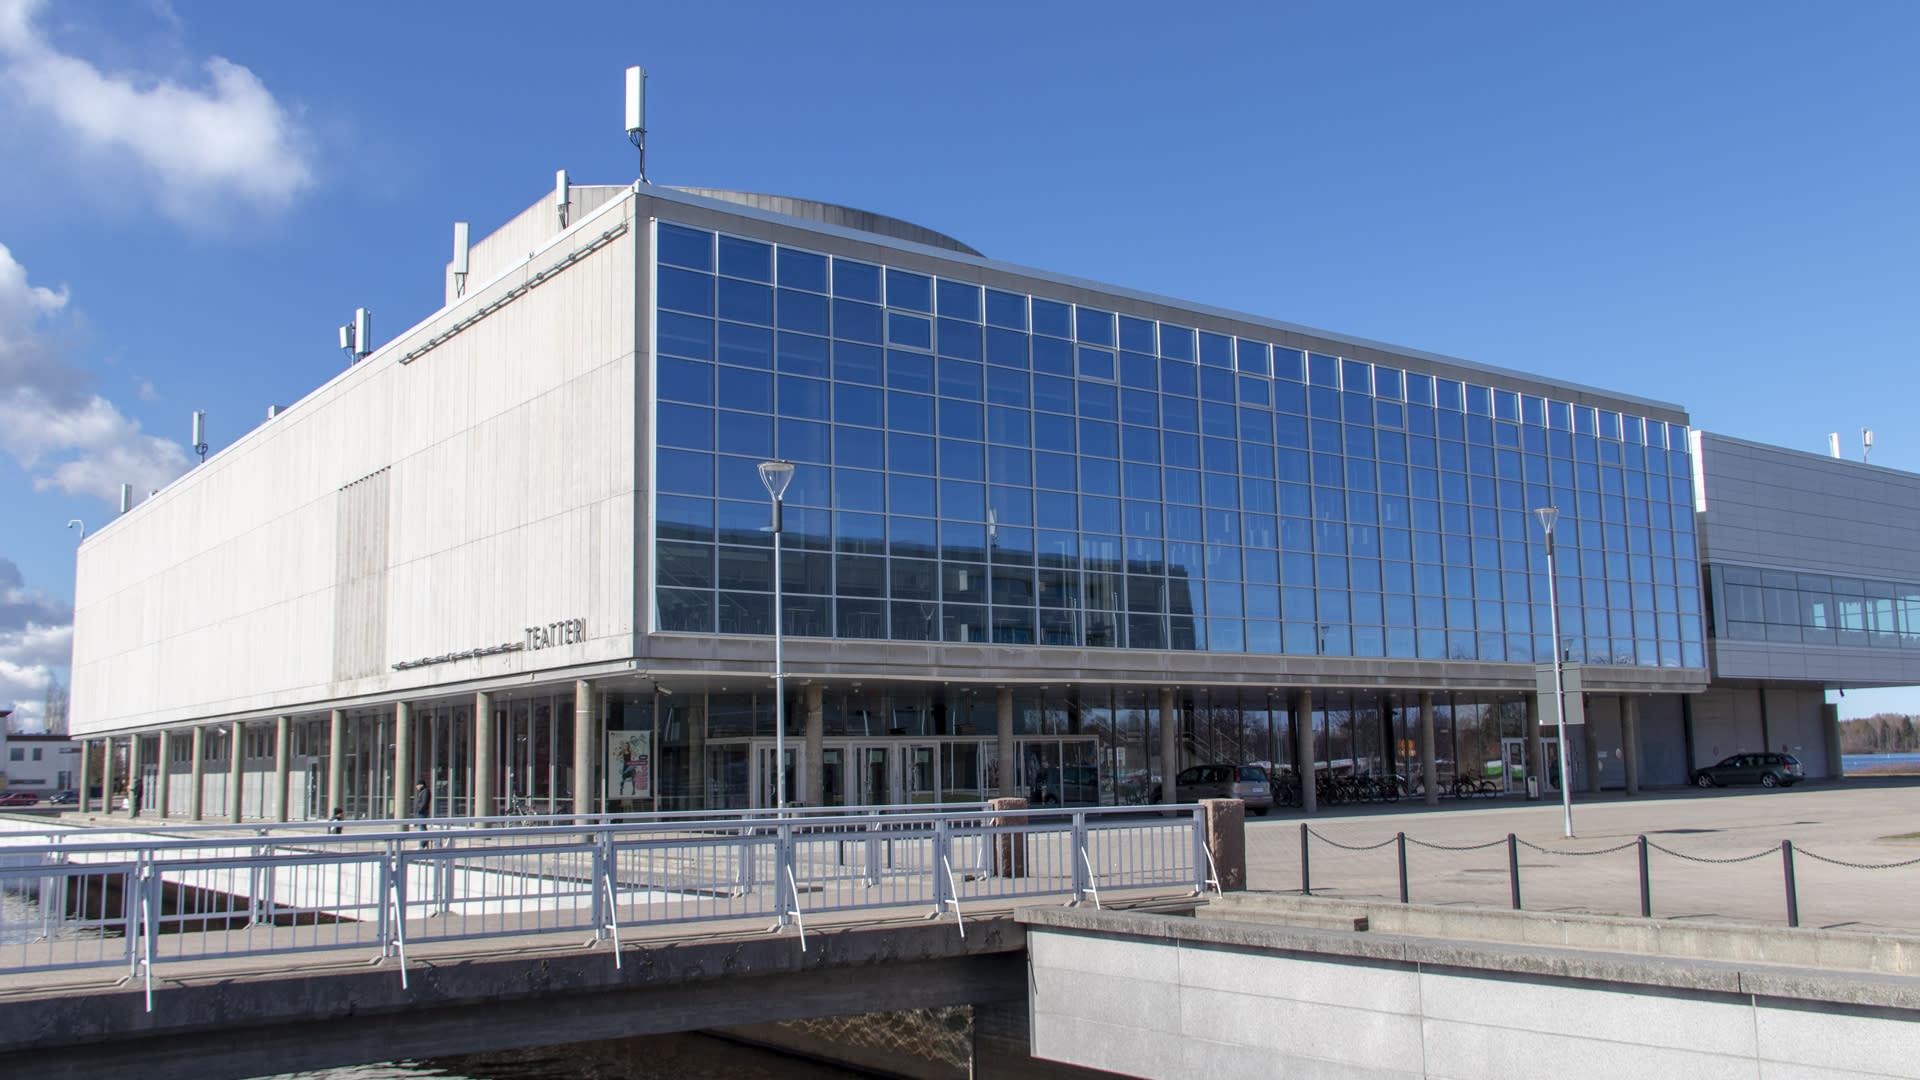 Oulun kaupungin teatteri, ulkokuva